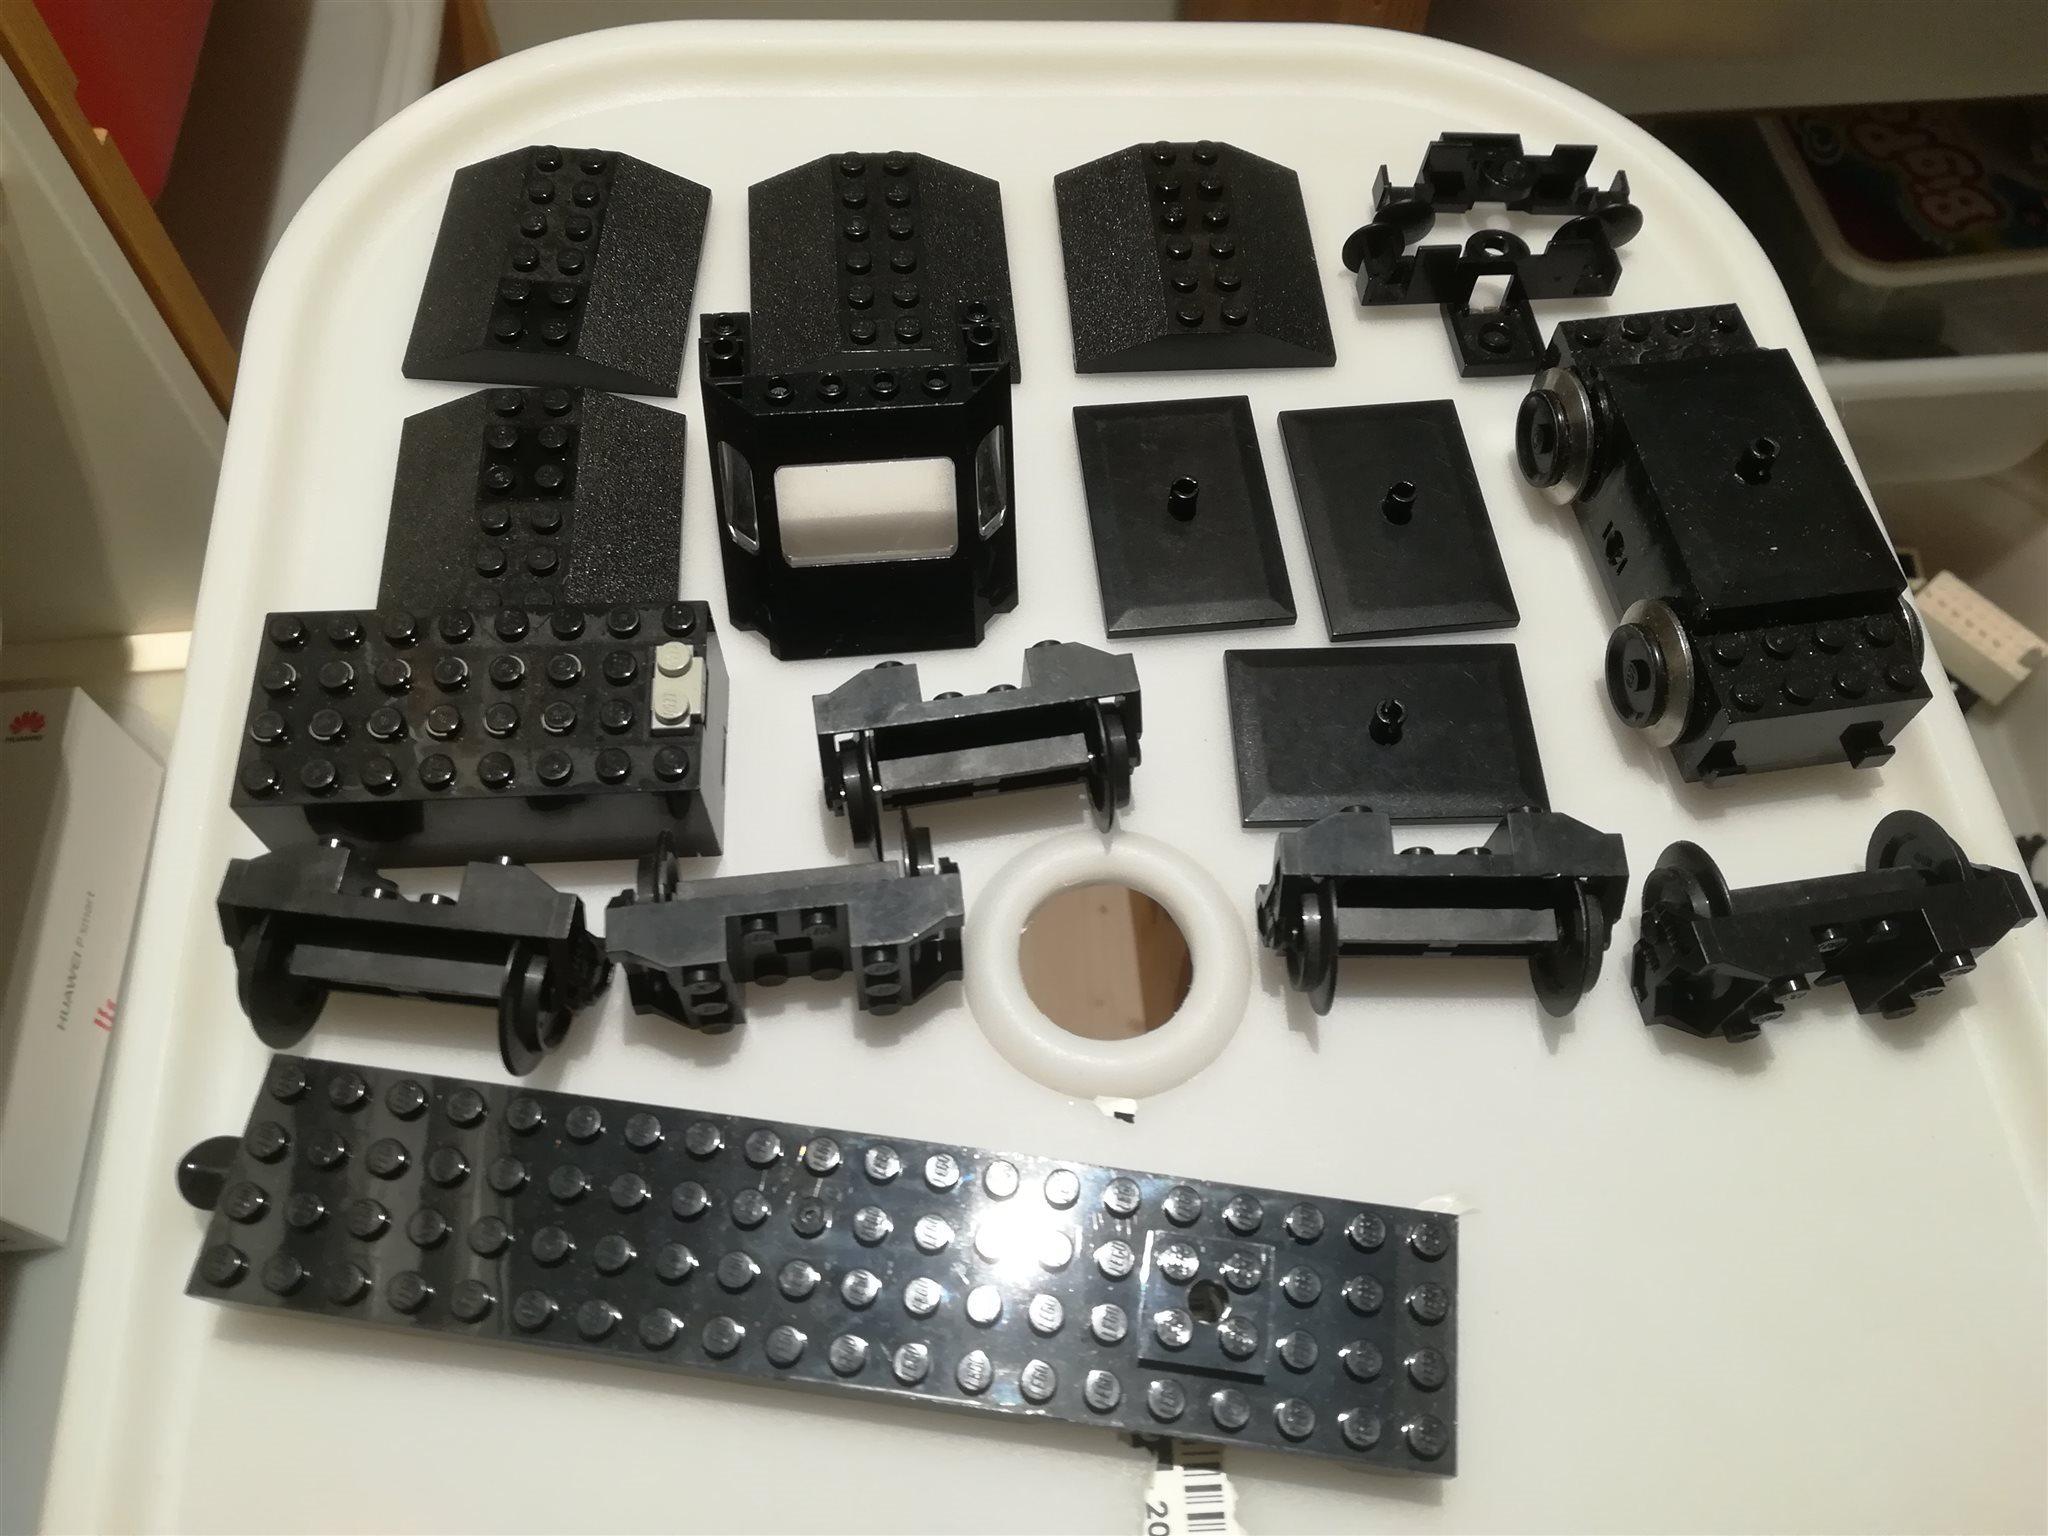 LEGO system diverse TÅGdelar